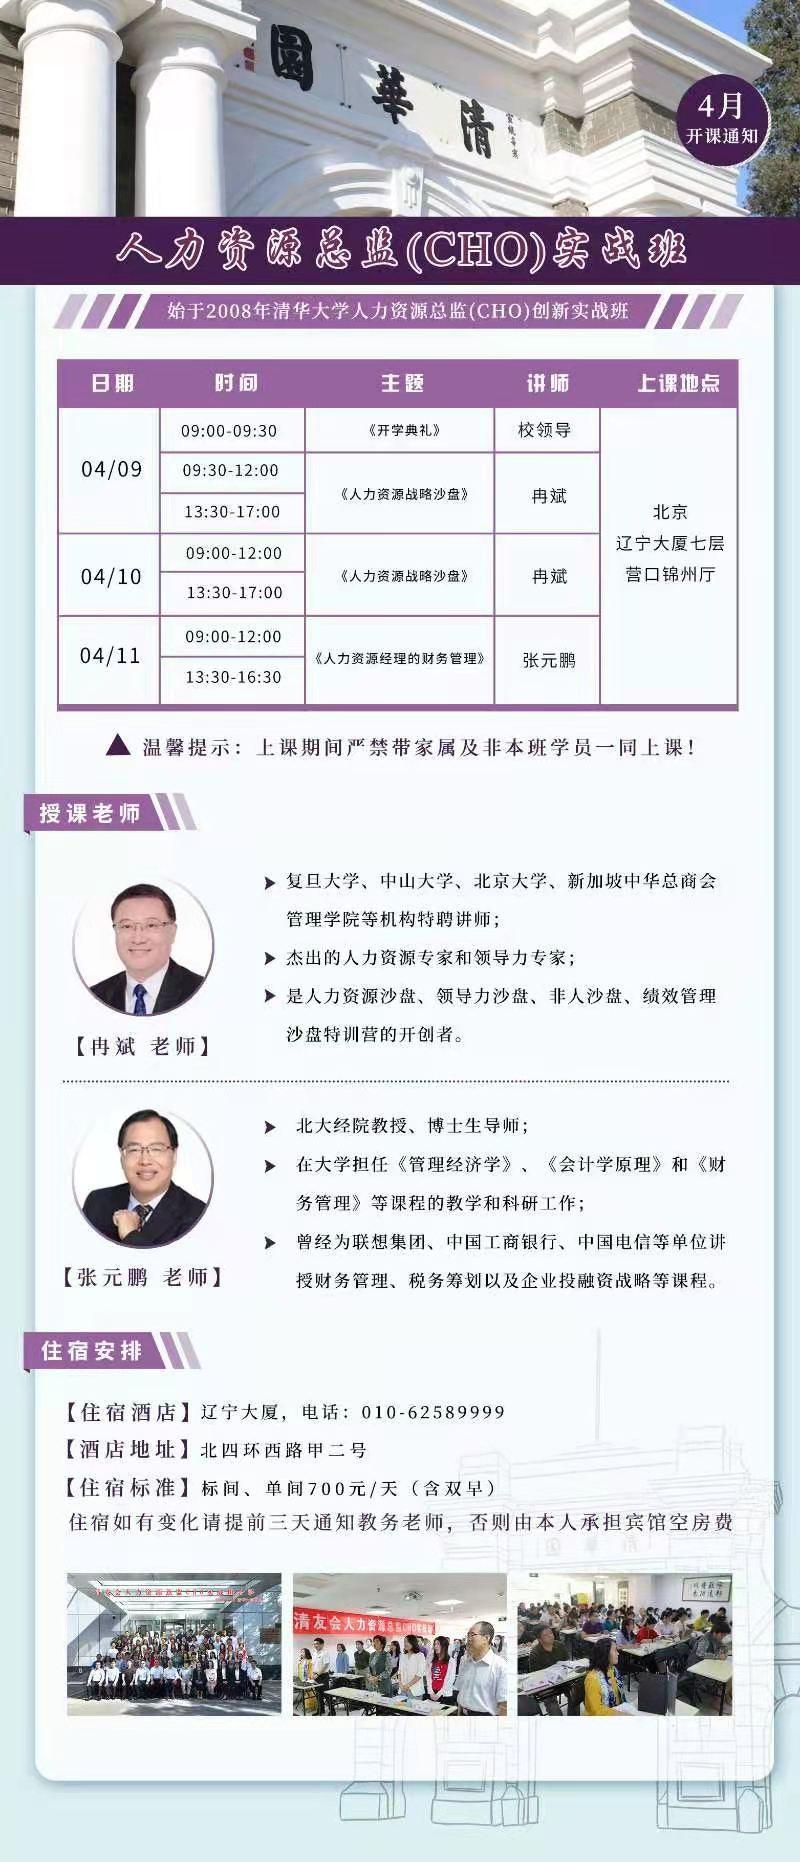 清华人力资源班 清华人力资源总监班 清华CHO班